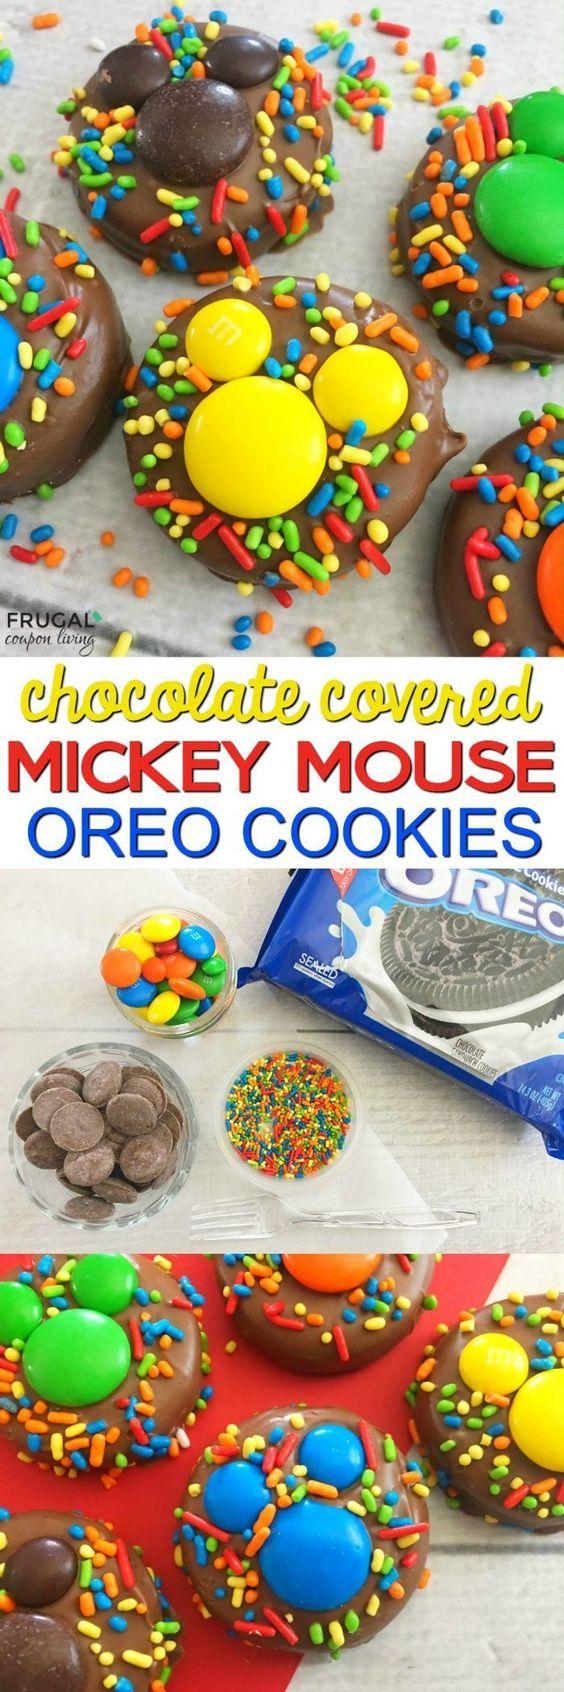 需要米老鼠食物参加派对或庆祝活动。获取这些巧克力覆盖的米奇OREO在Frugal Coupon Living上的完整教程和配方。